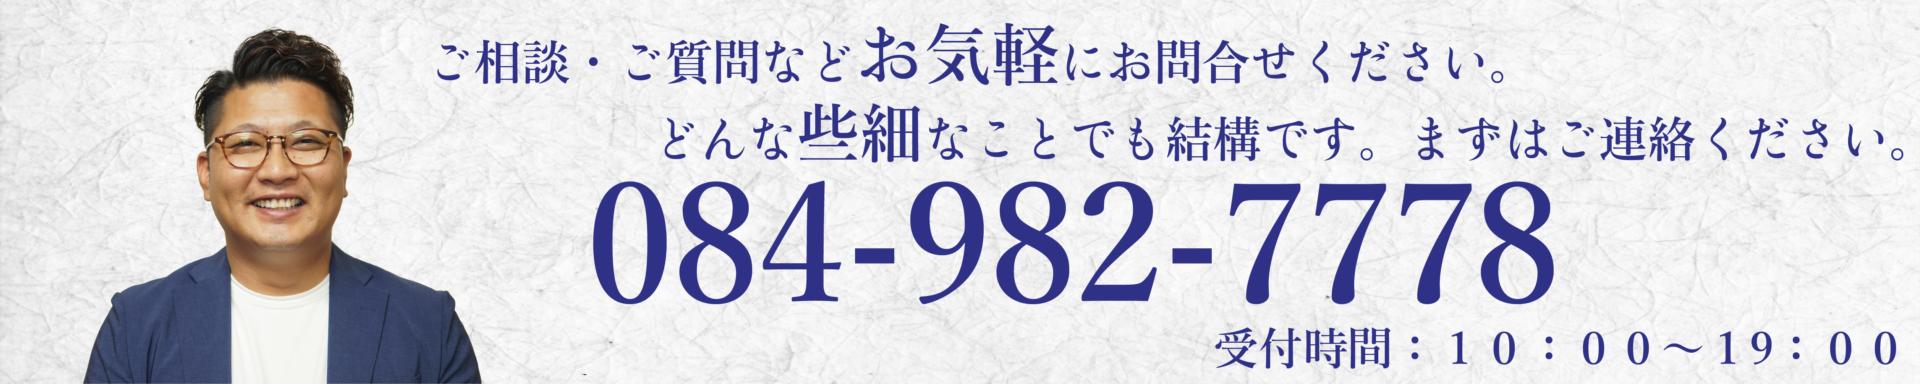 tel084-982-7778